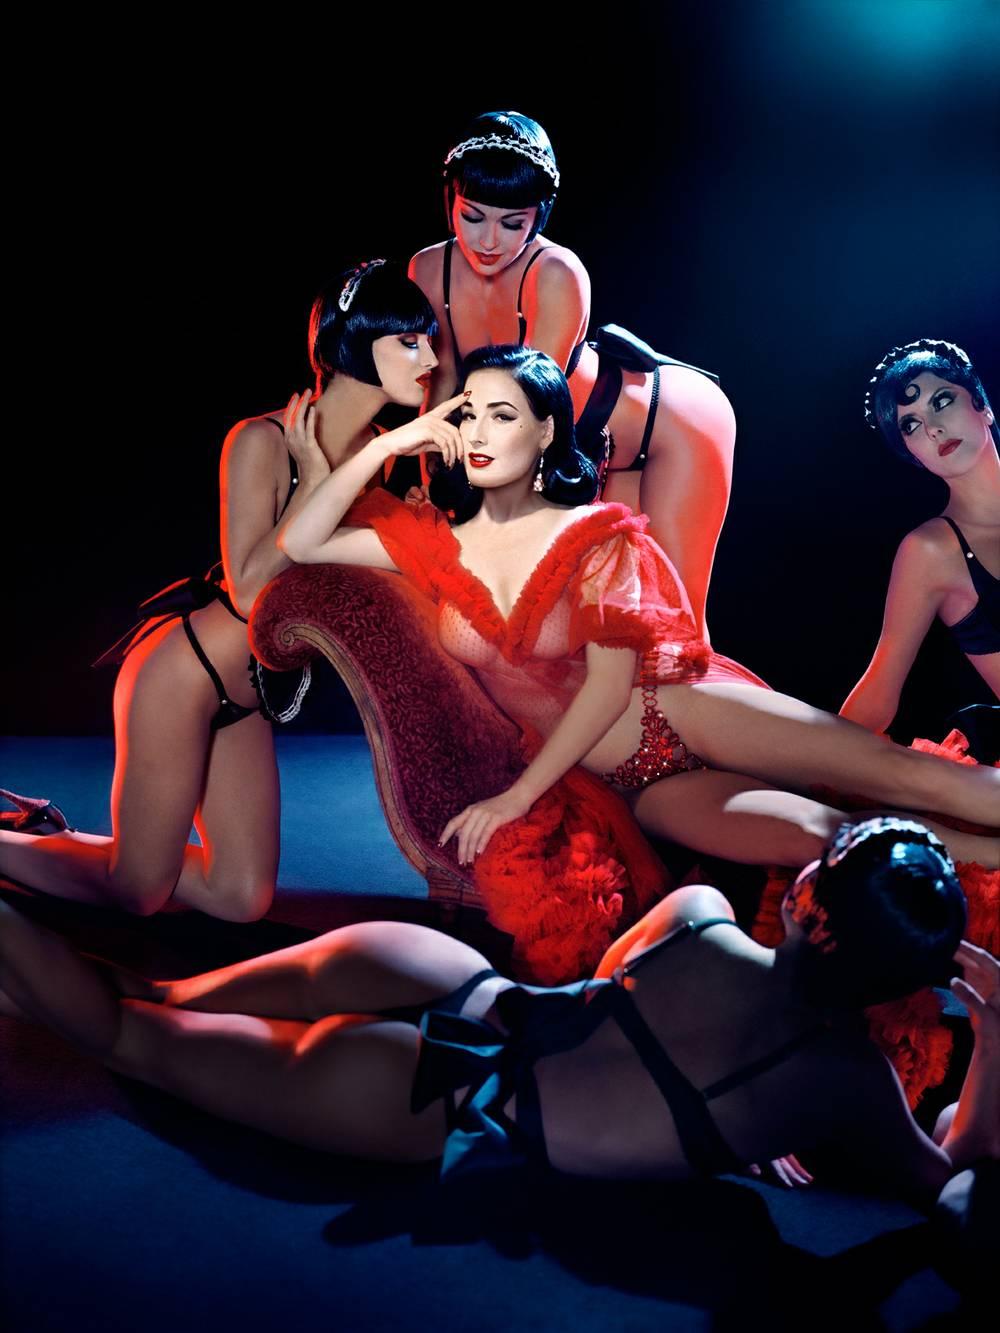 Фото голых танцовщиц на сцене эротического кабаре, тип влагалища королек фото